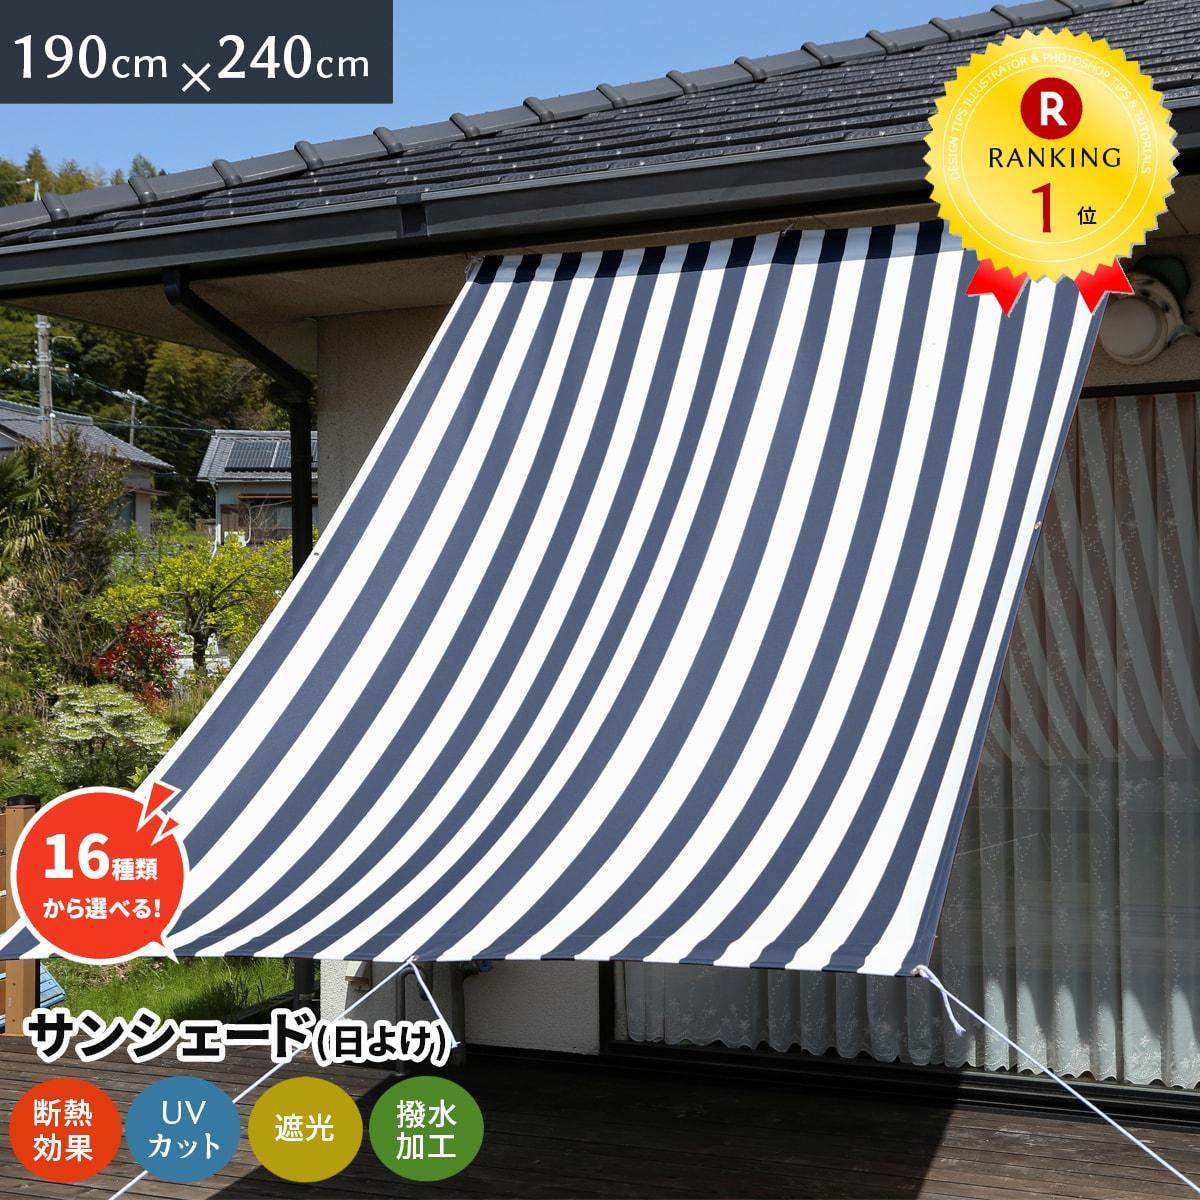 日よけ シェード 幅190×丈240cmサイズ 1枚 UV93%カット 日除け 大型 オーニング 撥水 UVカット 紫外線 遮光 取付ヒモ付属 雨よけ バルコニー サンシェード テント おしゃれ かわいい 撥水 ベランダ用 送料無料